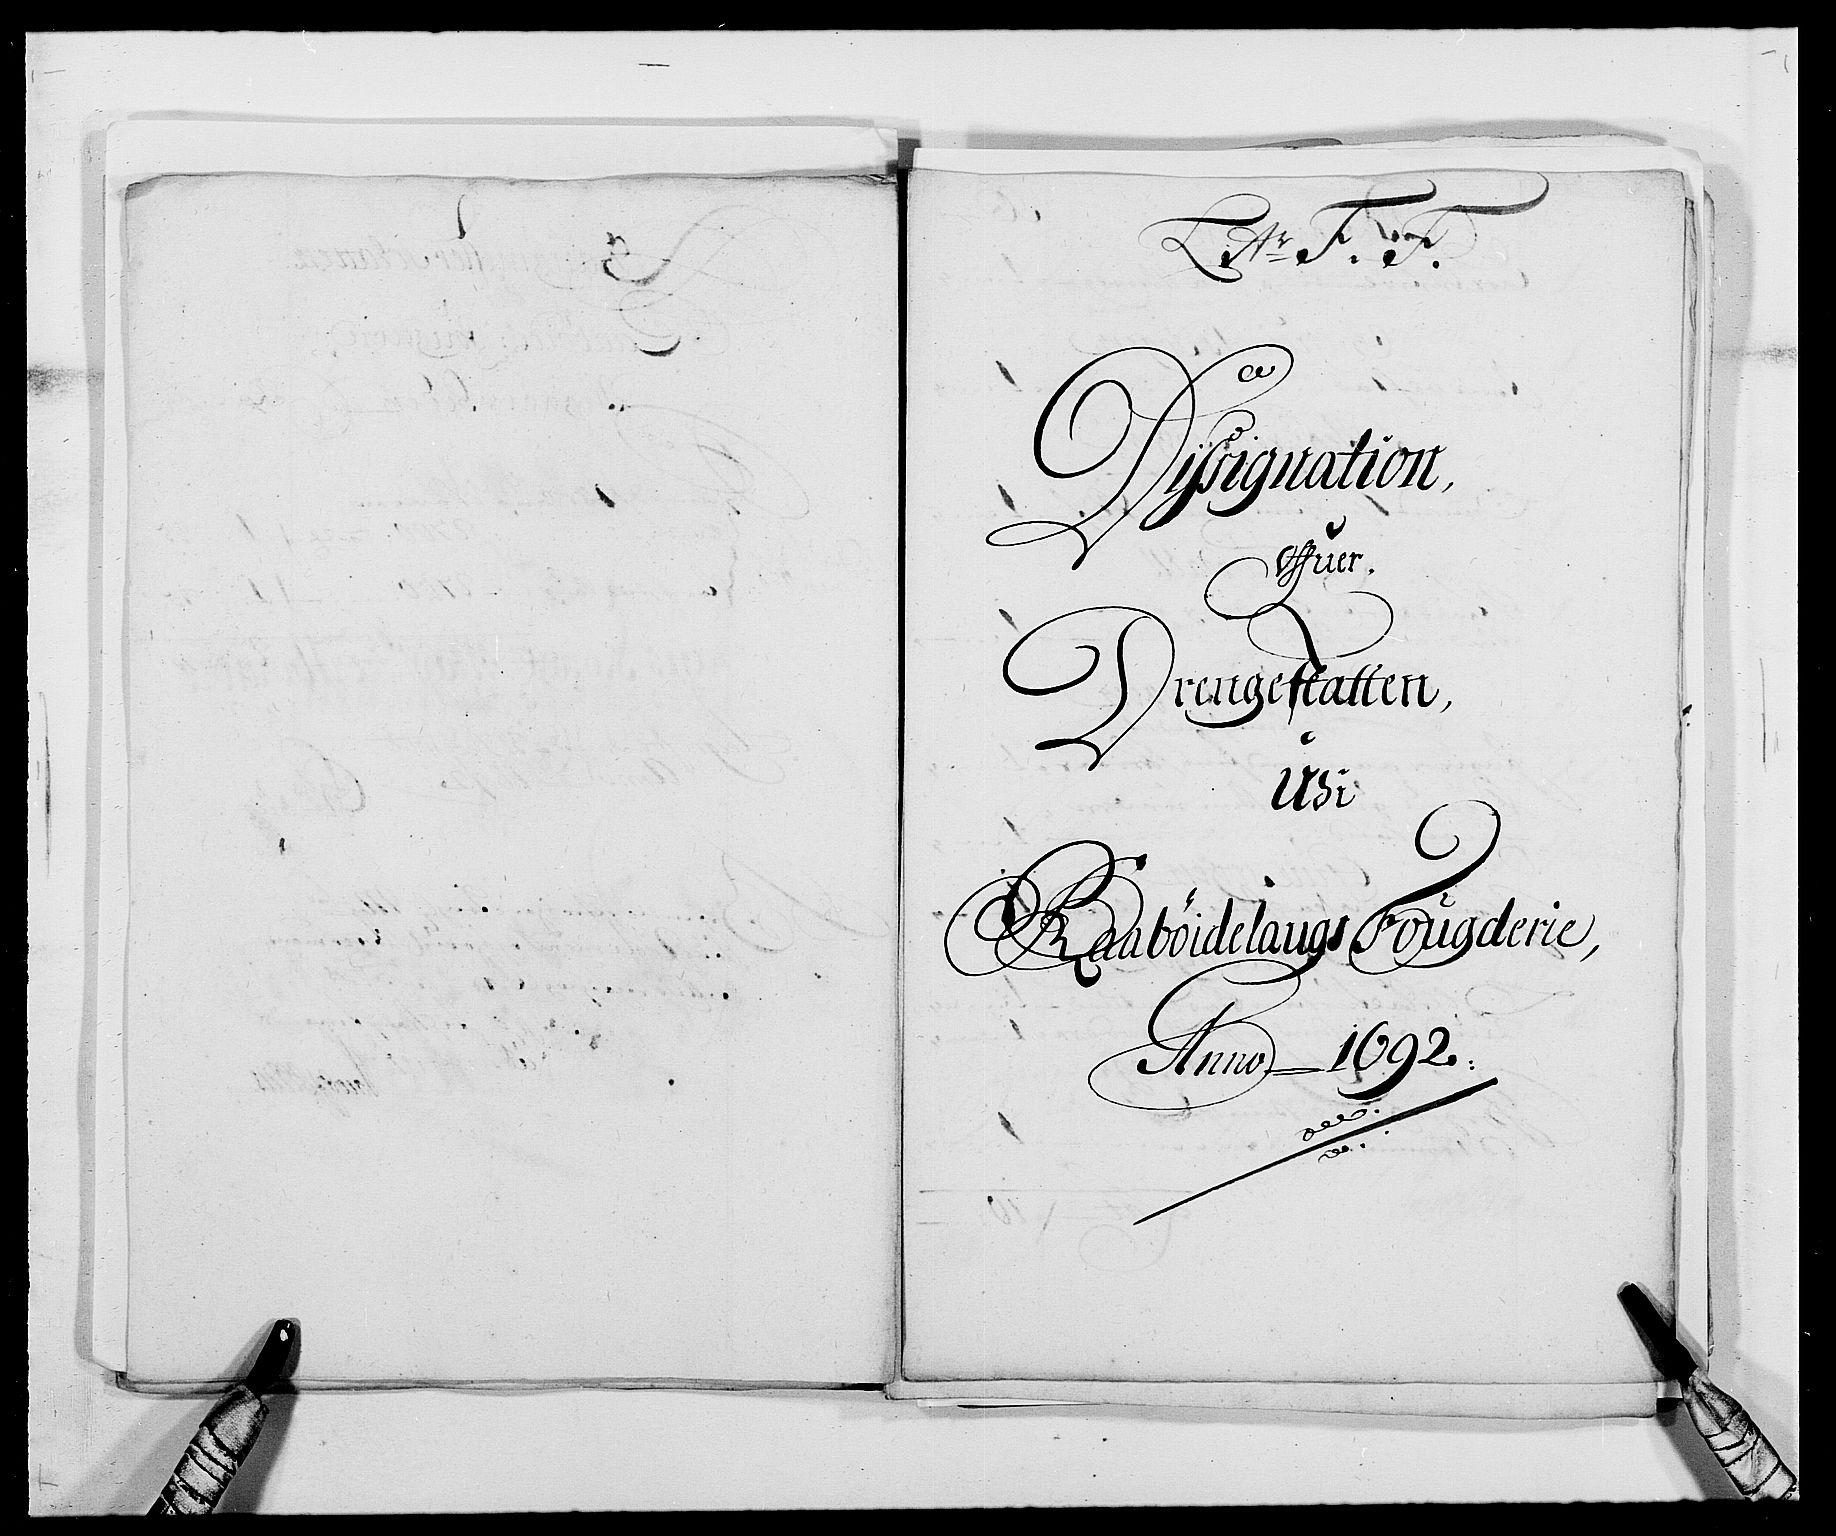 RA, Rentekammeret inntil 1814, Reviderte regnskaper, Fogderegnskap, R40/L2443: Fogderegnskap Råbyggelag, 1691-1692, s. 147